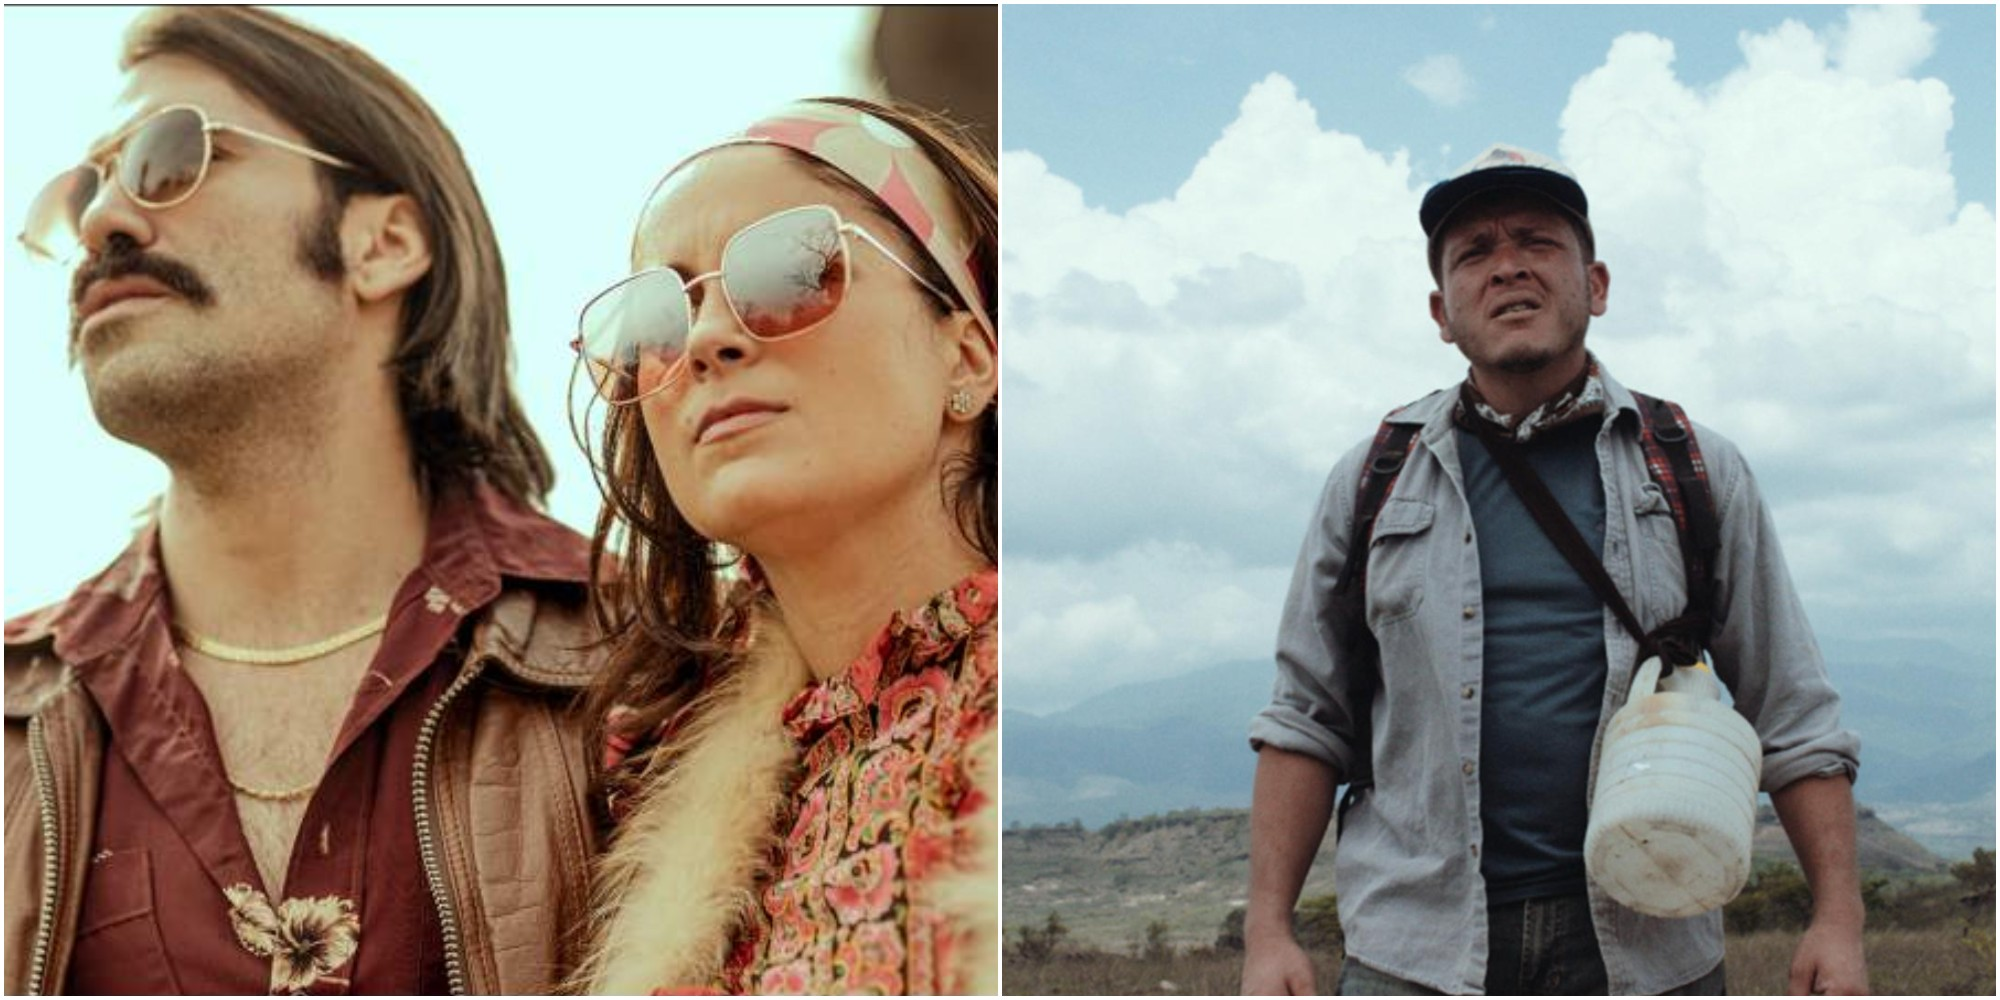 Películas hondureñas participan en el San Diego Film Festival